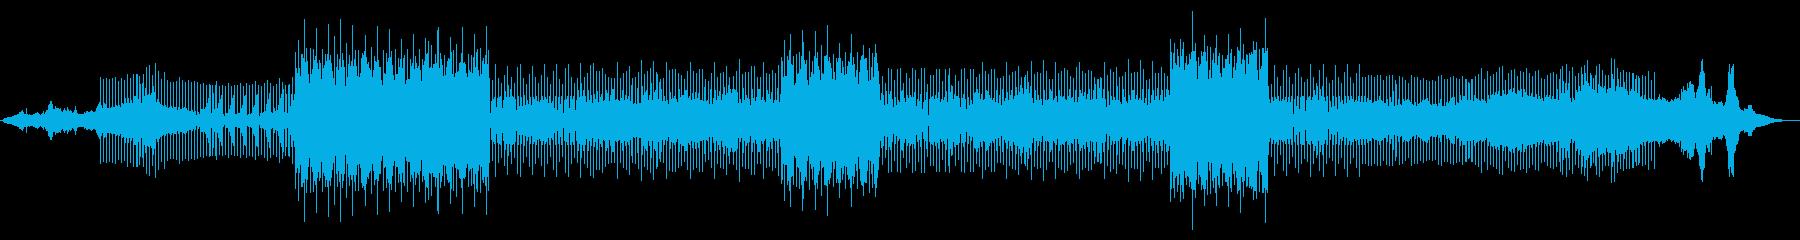 電磁波のようなクラブミュージックの再生済みの波形